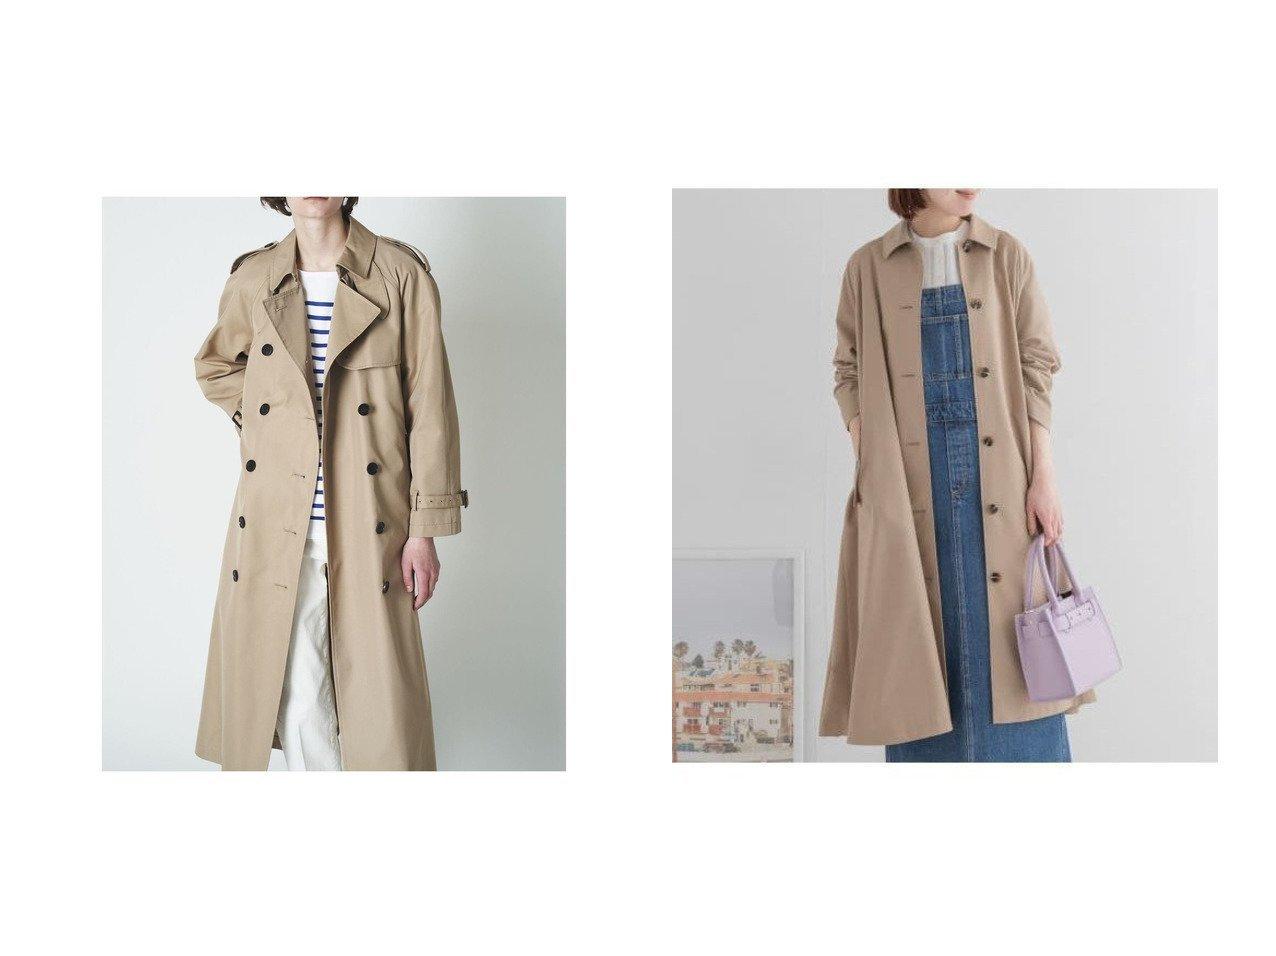 【Sonny Label / URBAN RESEARCH/サニーレーベル】のステンカラービッグコート&【N.O.R.C/ノーク】のロングトレンチコート 【アウター】おすすめ!人気、トレンド・レディースファッションの通販 おすすめで人気の流行・トレンド、ファッションの通販商品 メンズファッション・キッズファッション・インテリア・家具・レディースファッション・服の通販 founy(ファニー) https://founy.com/ ファッション Fashion レディースファッション WOMEN アウター Coat Outerwear コート Coats トレンチコート Trench Coats NEW・新作・新着・新入荷 New Arrivals インナー ロング 定番 Standard ポケット |ID:crp329100000028568